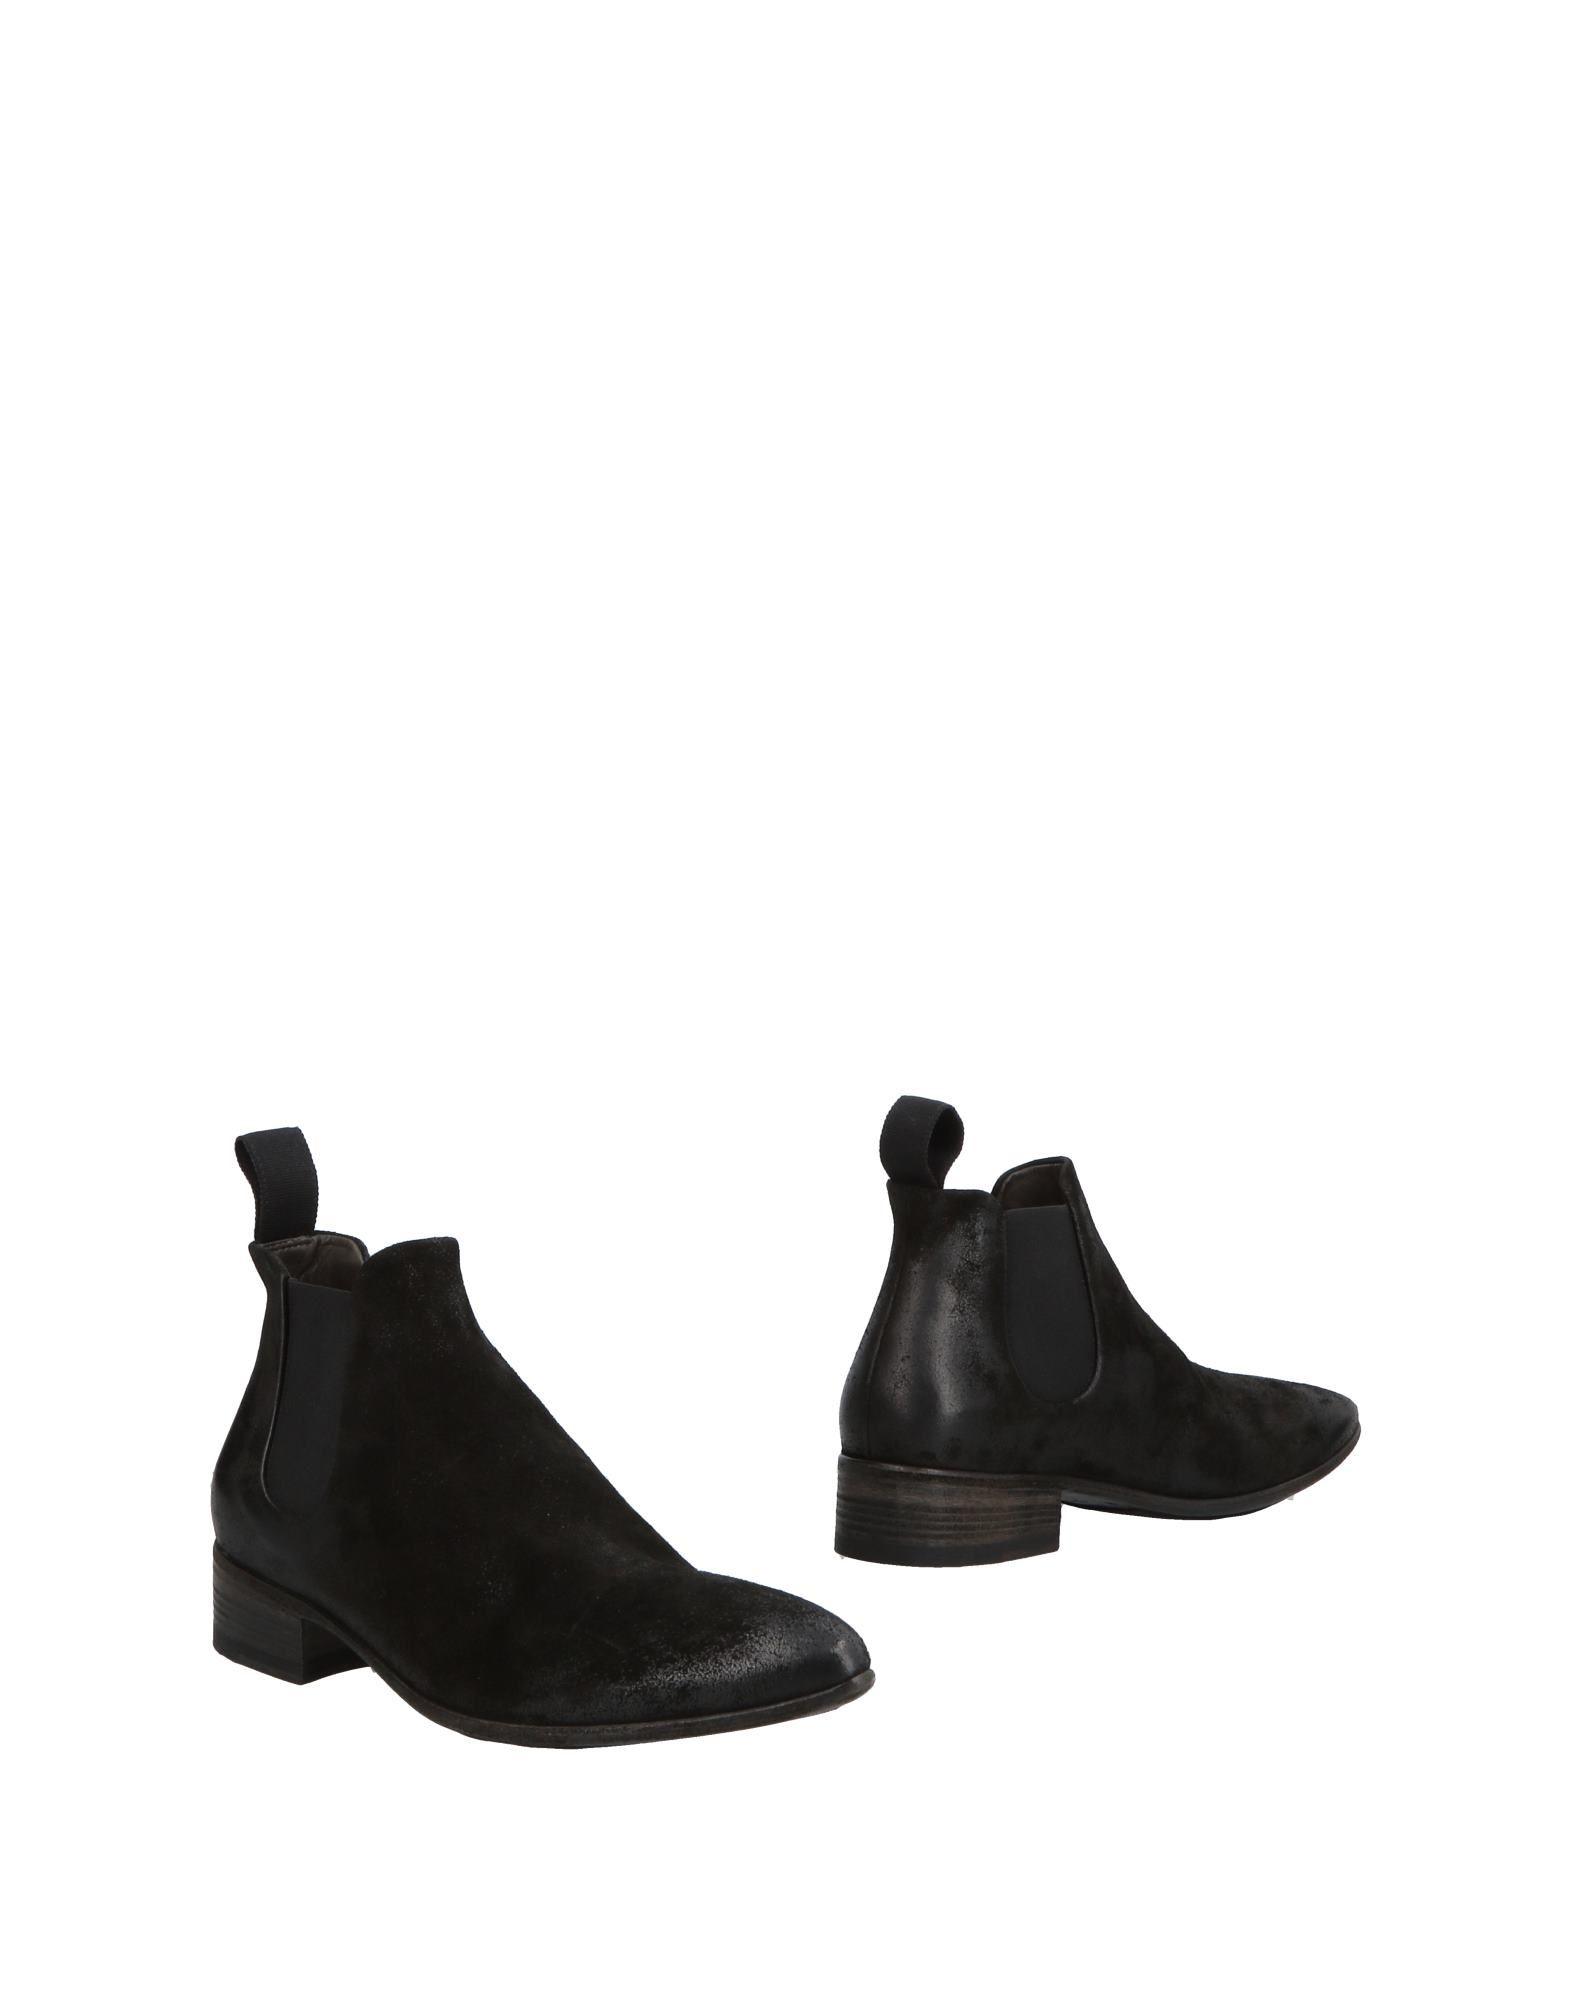 Marsèll Stiefelette Herren  11504907OL Gute Qualität beliebte Schuhe